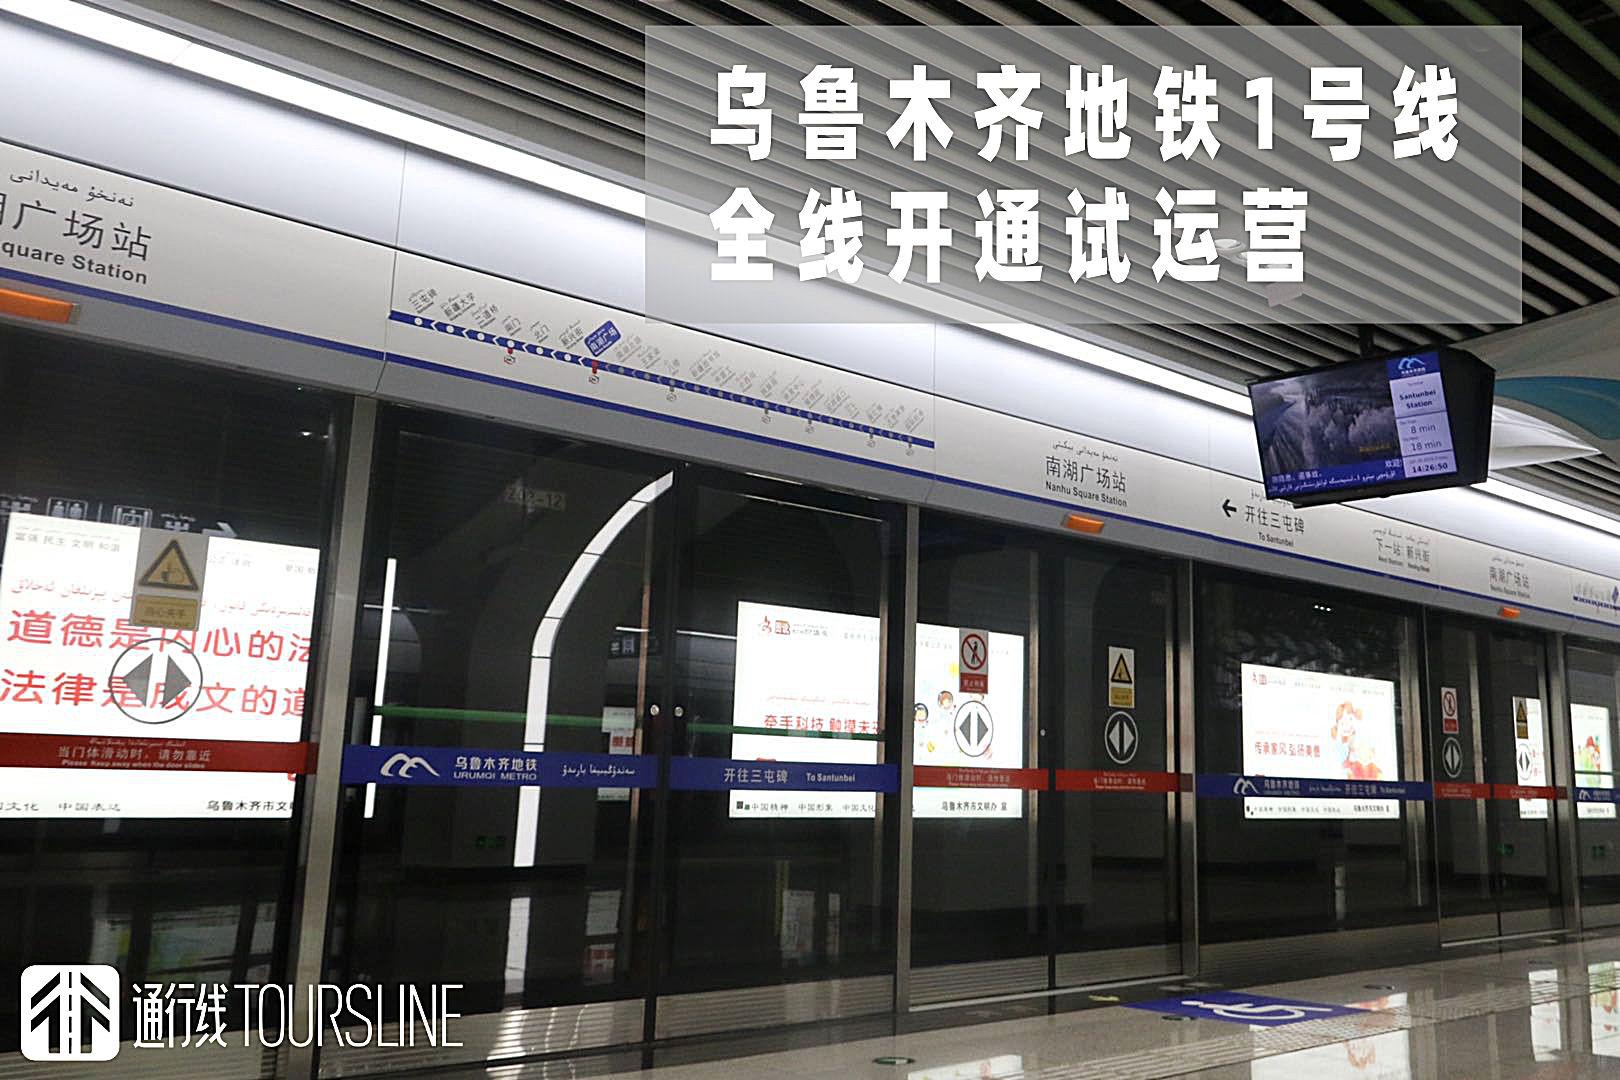 中国最西端的地铁线路今日全线开通!快跟着它来感受西域风情吧~